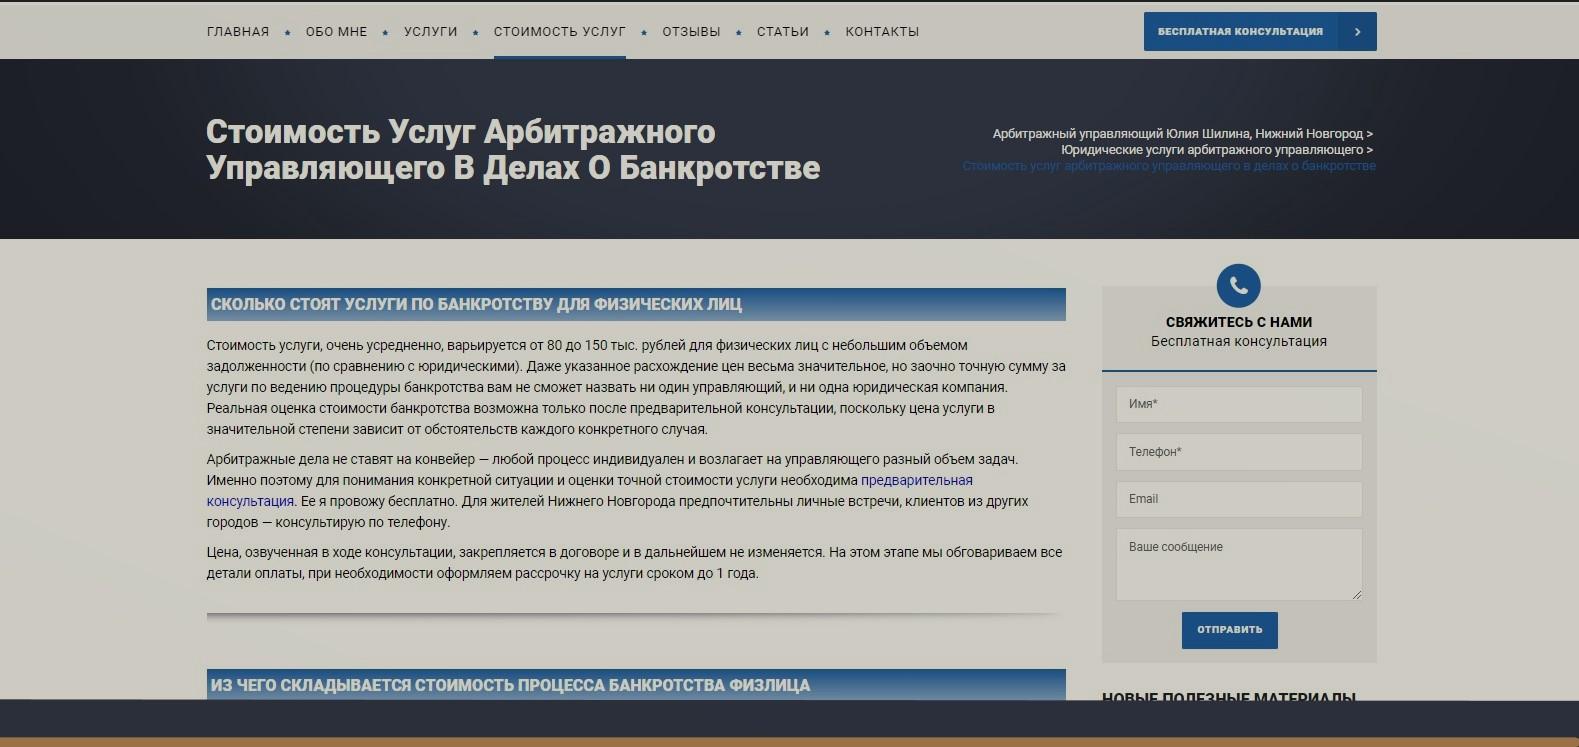 Изображение страницы стоимости услуг по проведению процедуры банкротства, сайт арбитражного управляющего Юлии Шилиной